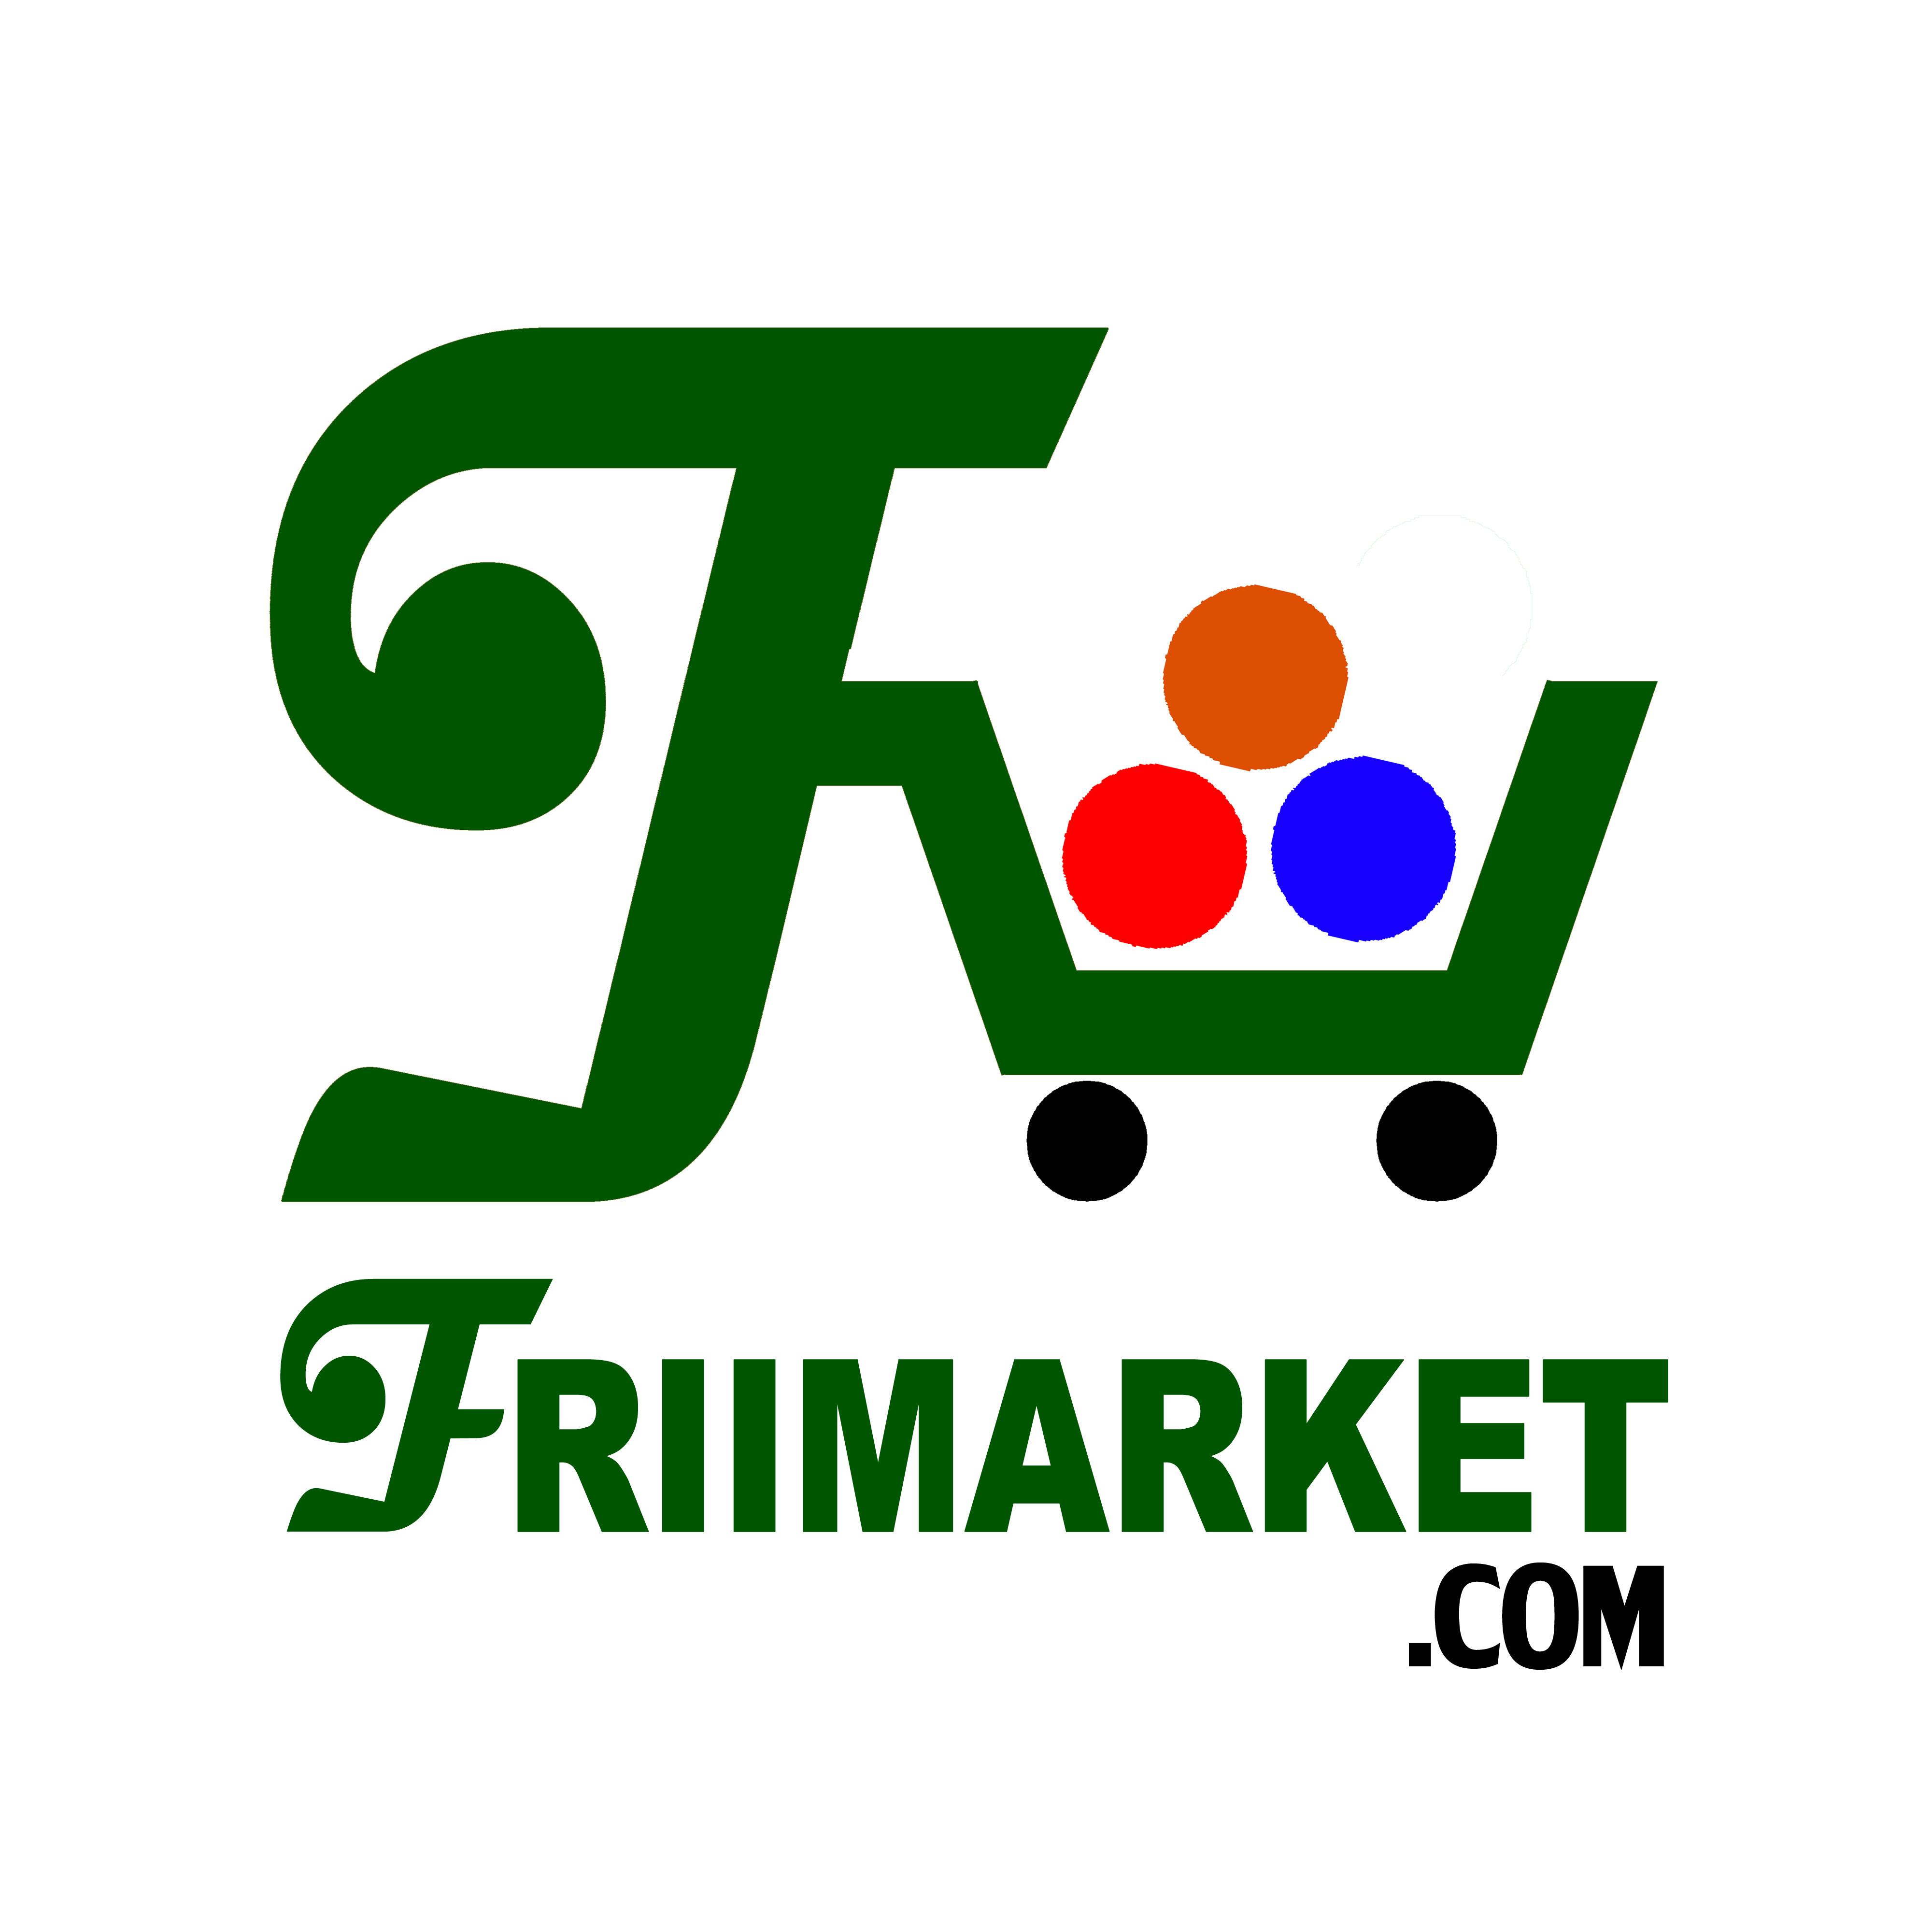 Friimarket